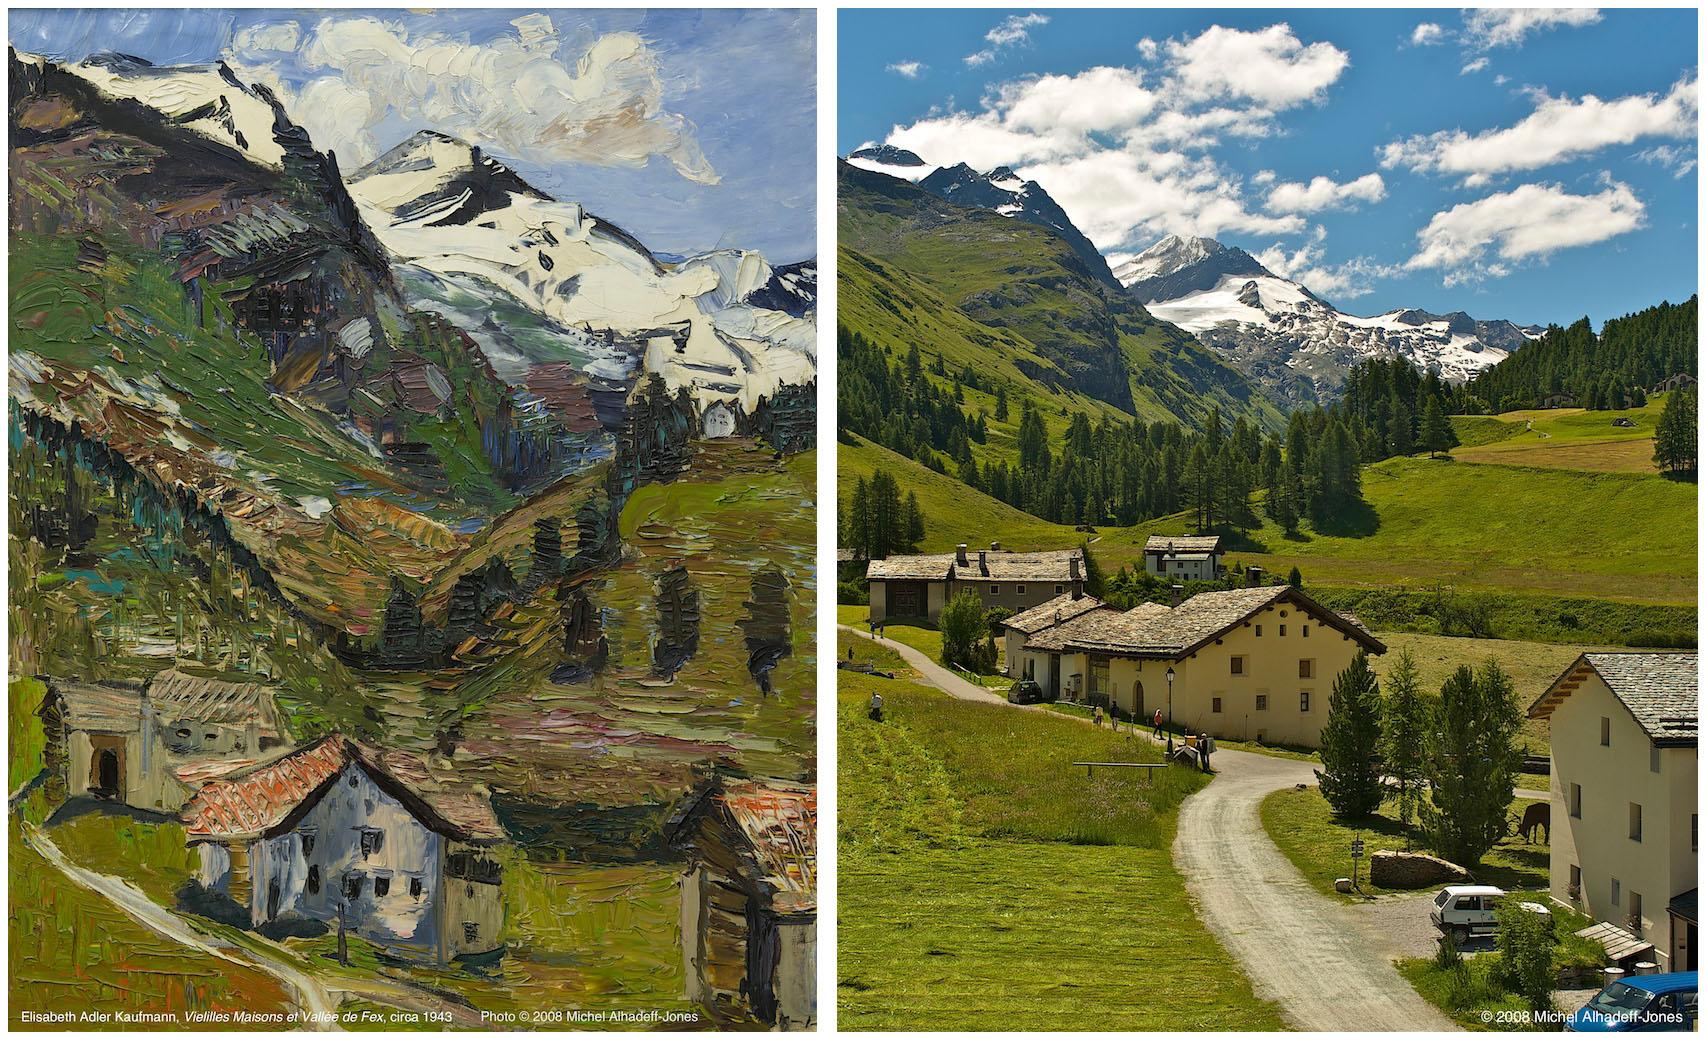 Maisons, Vallée de Fex, circa 1943 / 2008